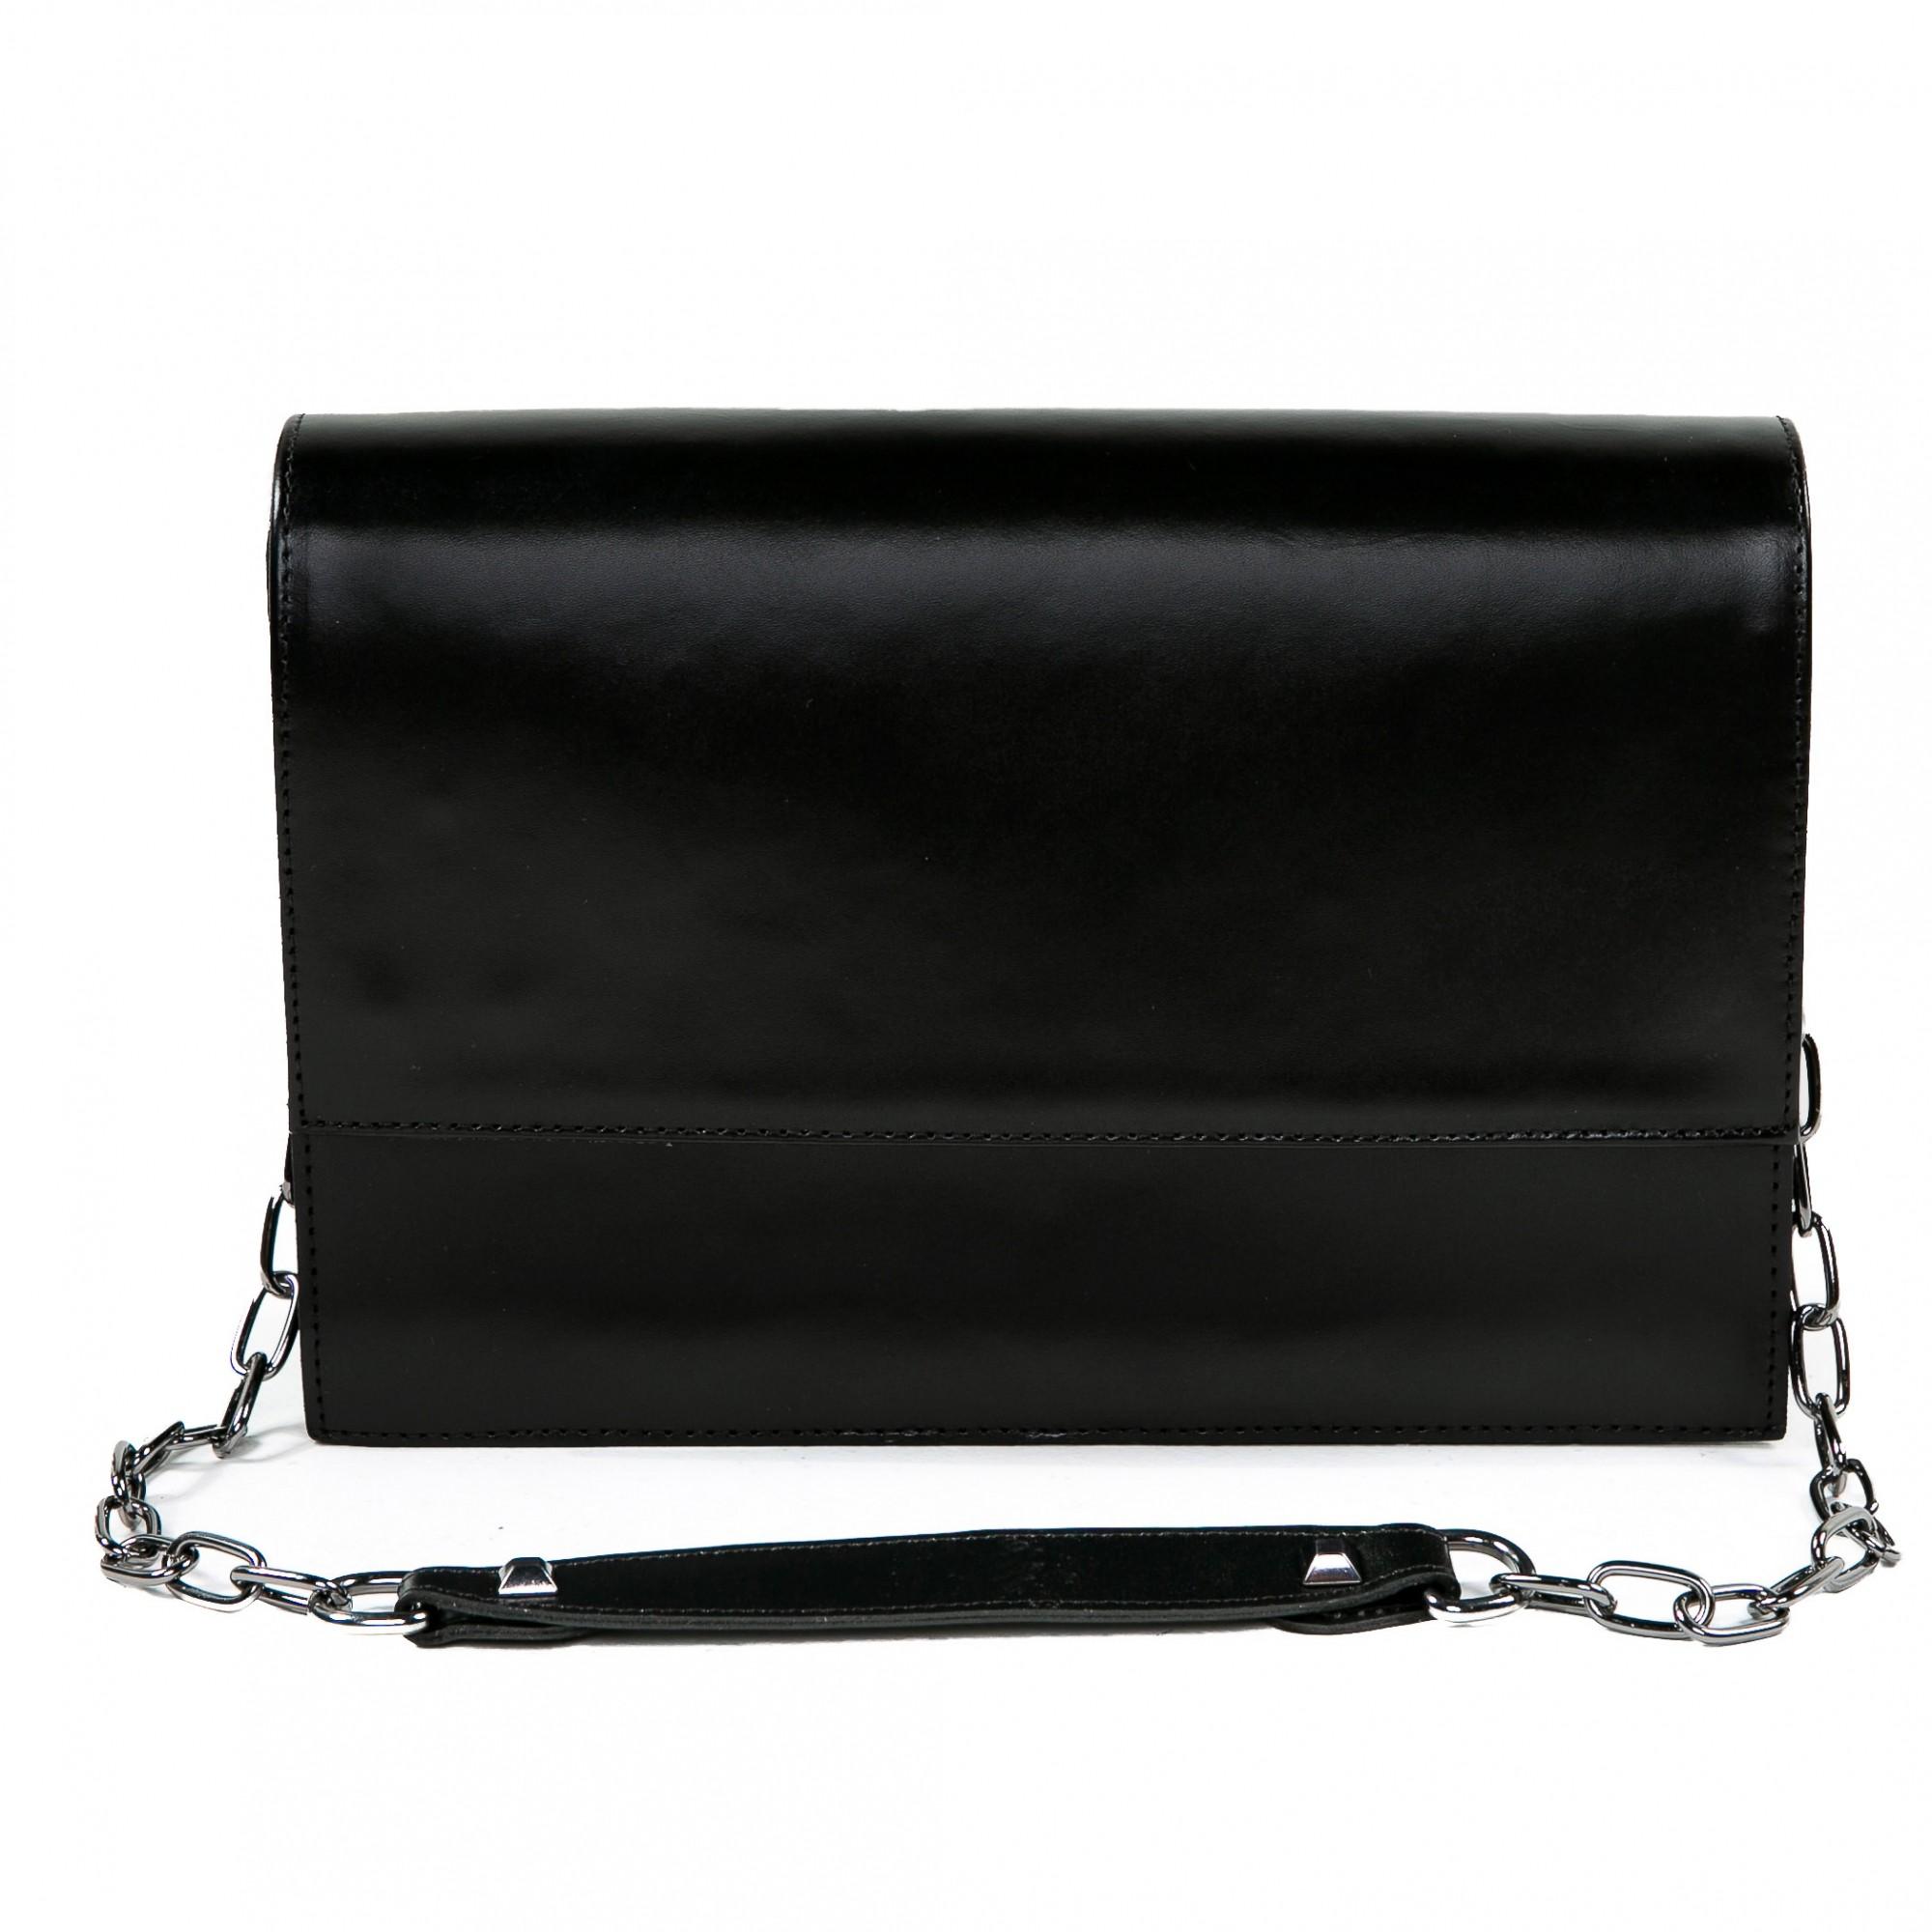 Bolsa estruturada couro preta